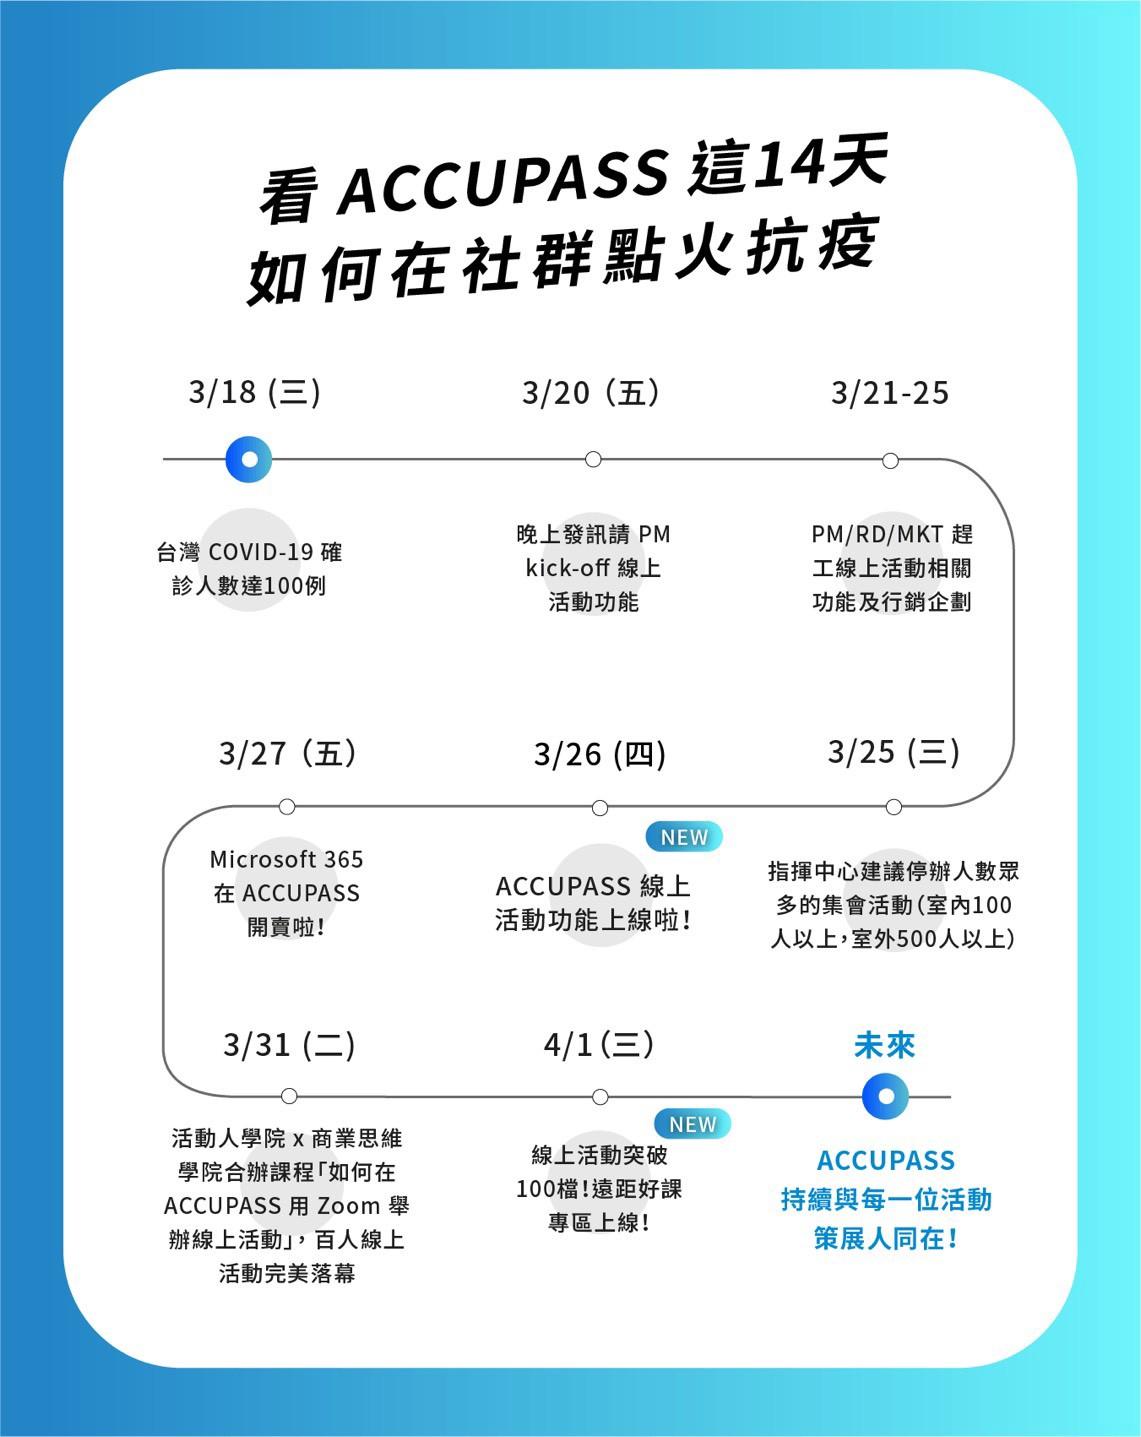 迪哥聊產品運營|如何動員數百名活動策展人數位轉型?ACCUPASS 14天社群點火抗疫全記錄!